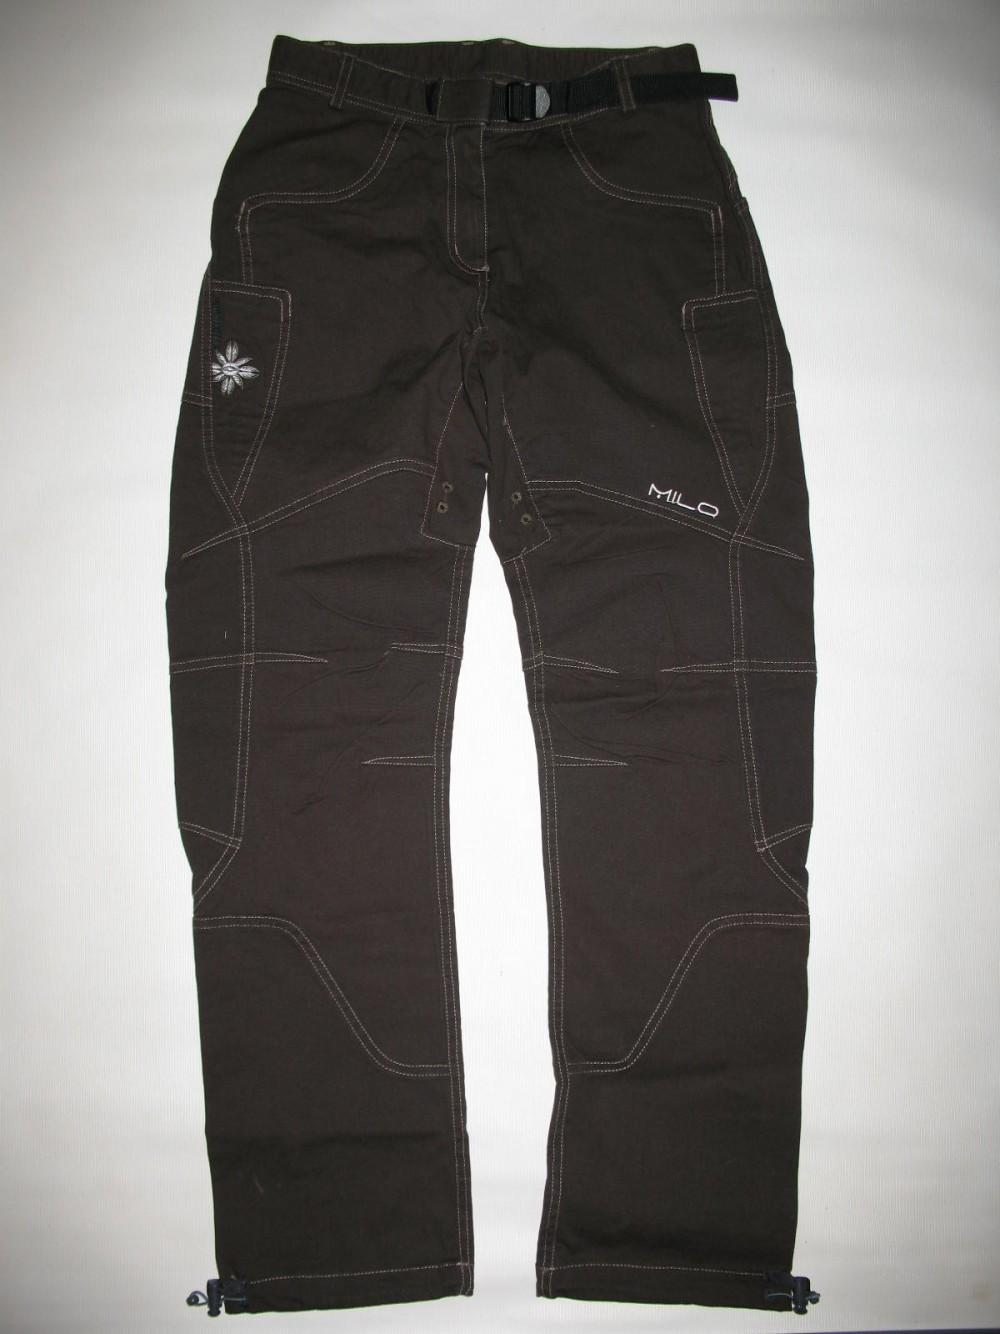 Штаны MILO loyc pants lady (размер S) - 2